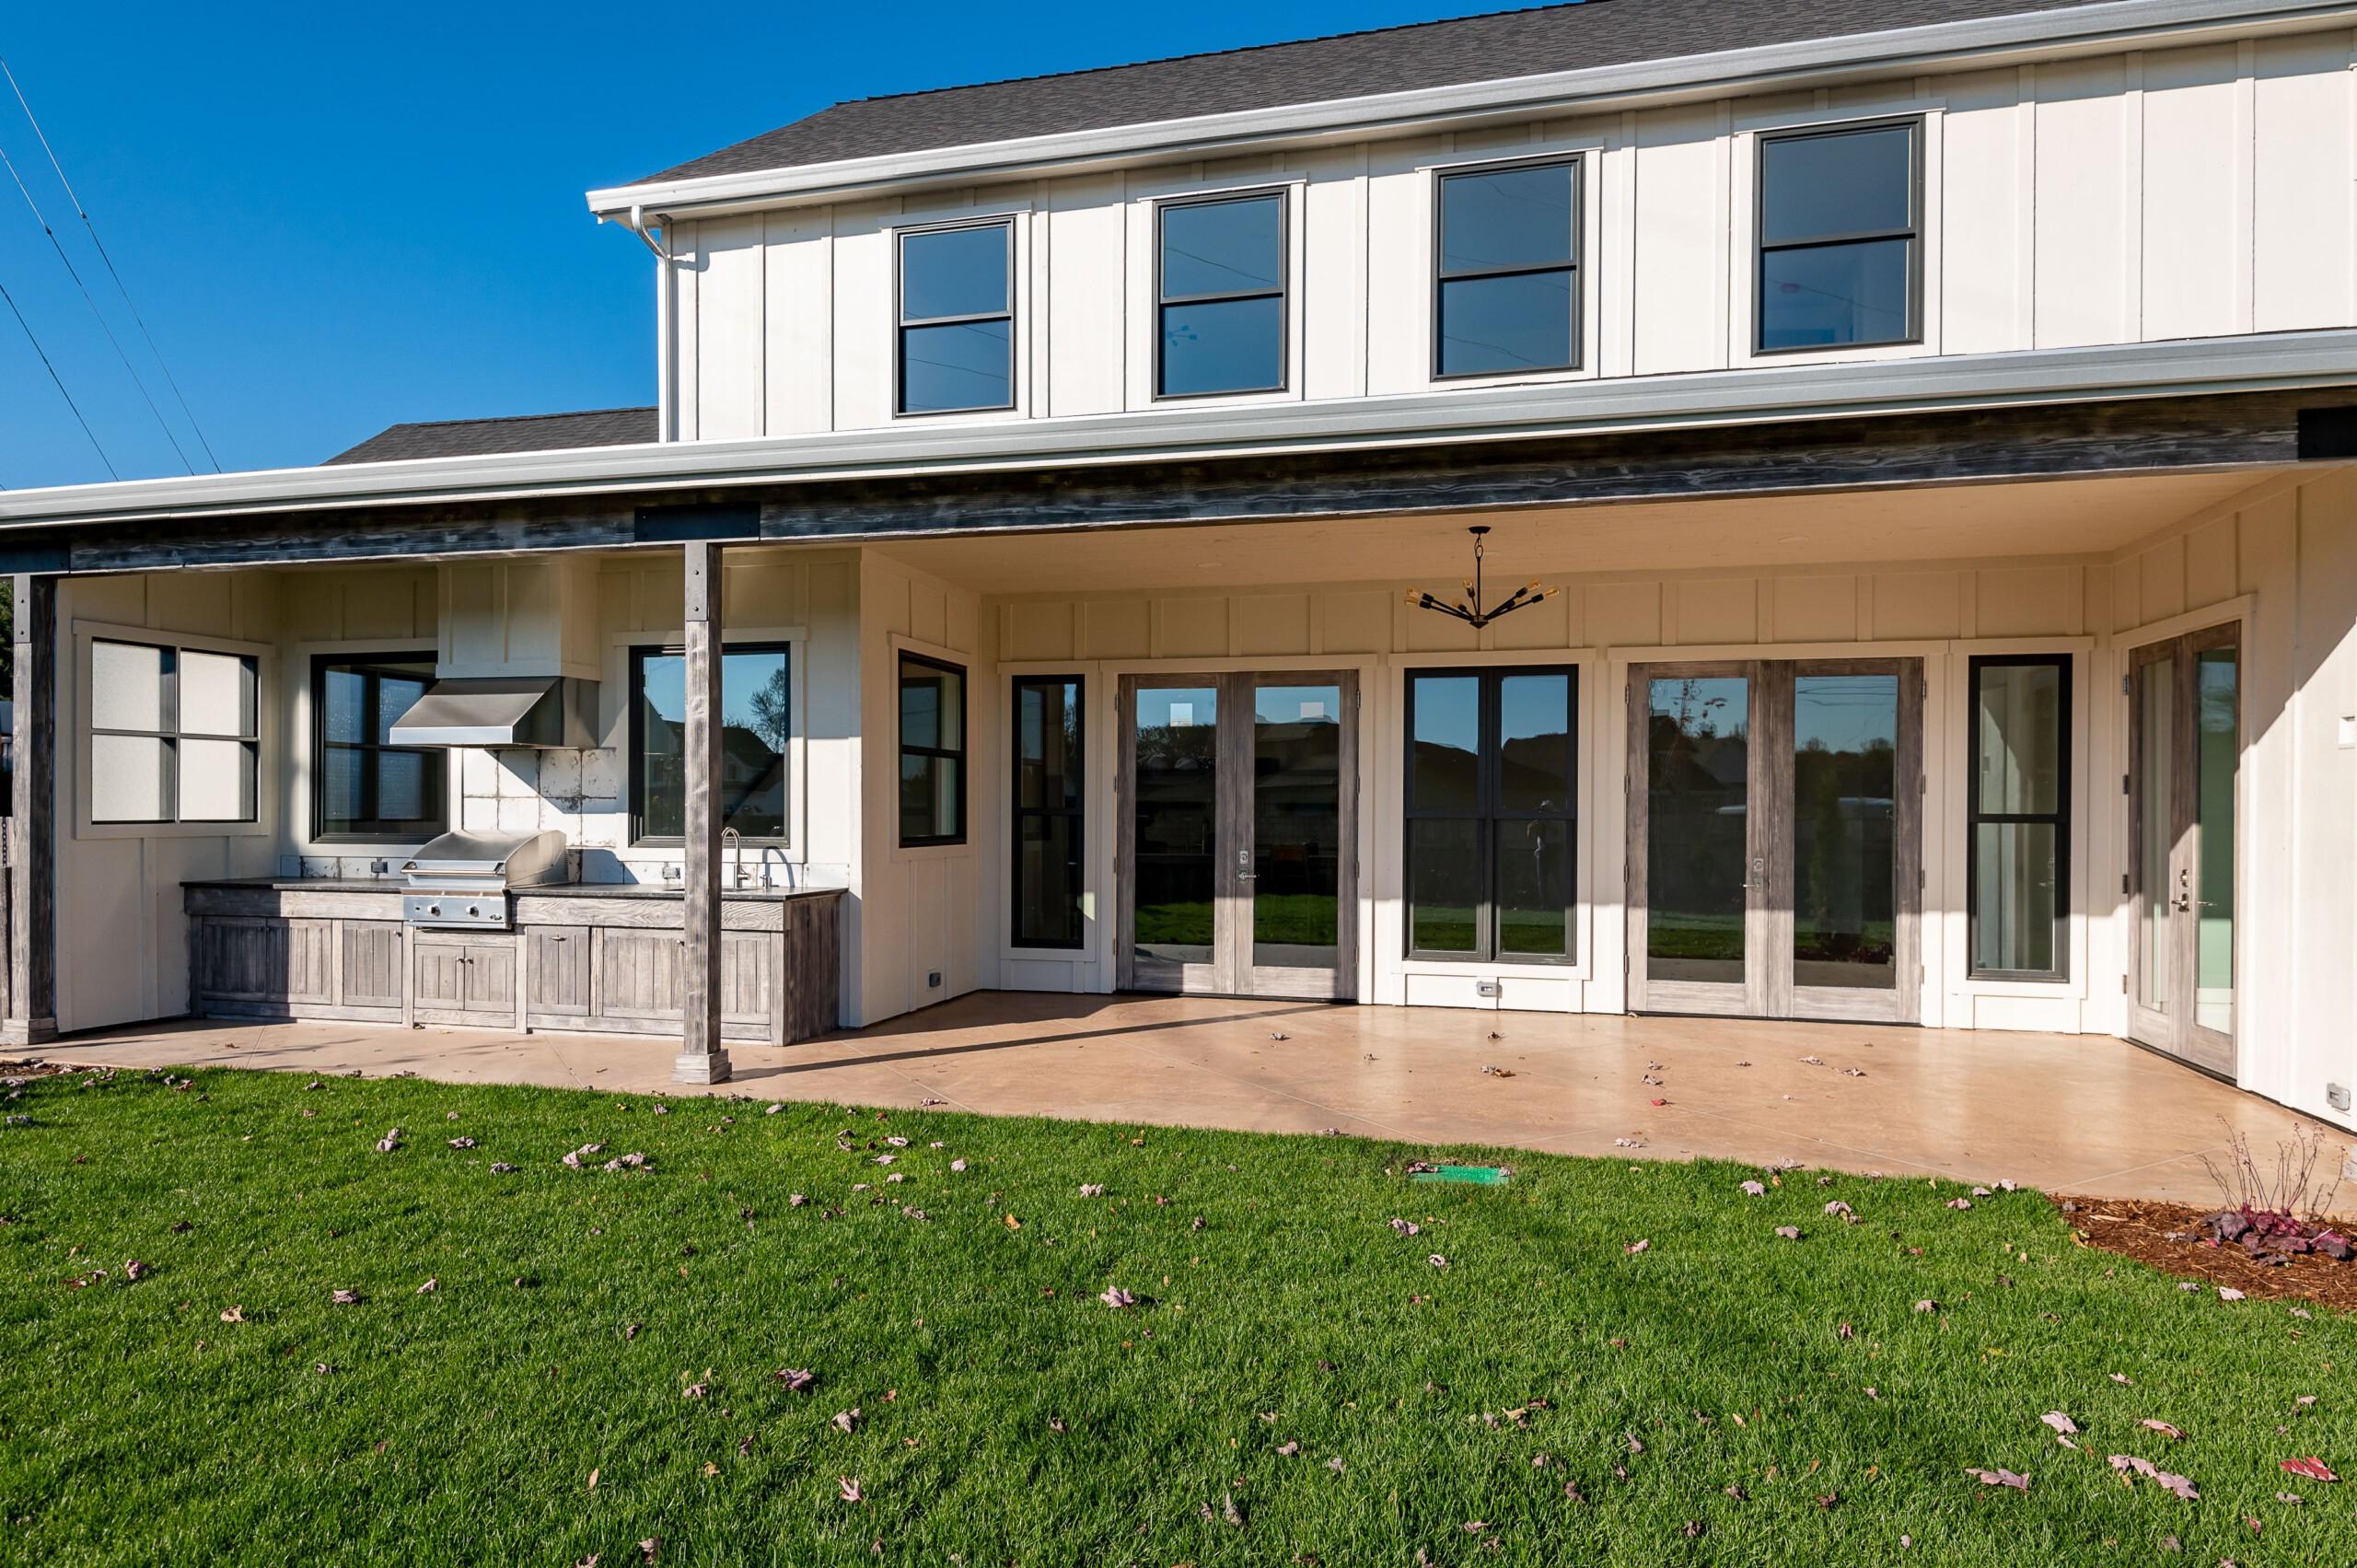 Exterior renovation by John Webb Construction & Design